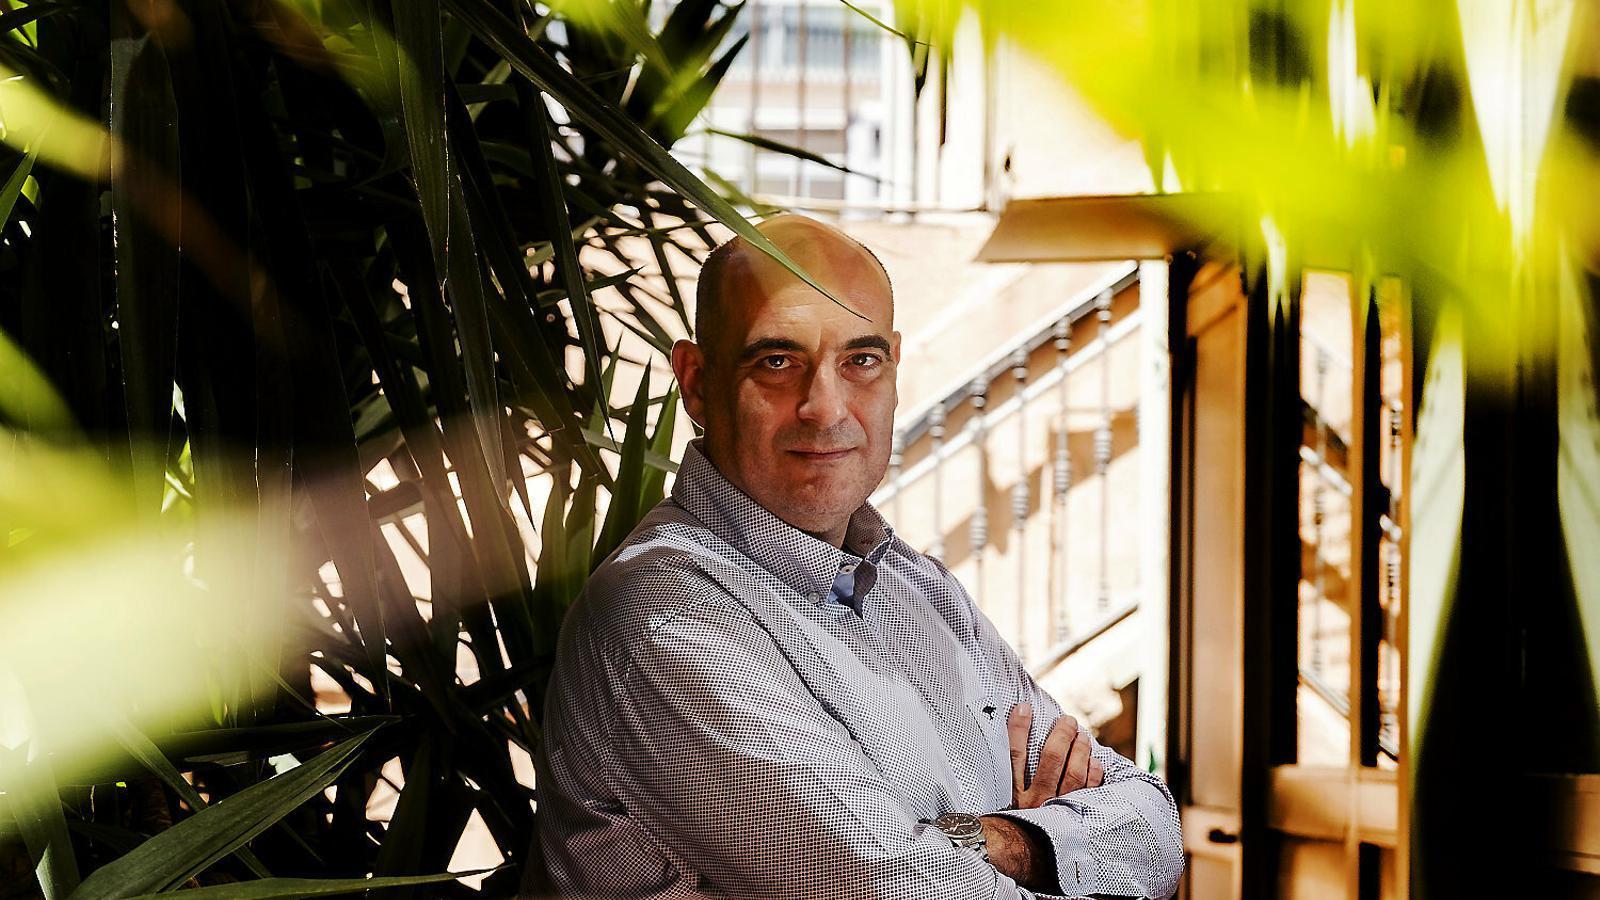 L'escriptor i periodista Xavier Bosch durant la presentació de la novel·la Paraules que tu entendràs a la llibreria Laie de Barcelona.